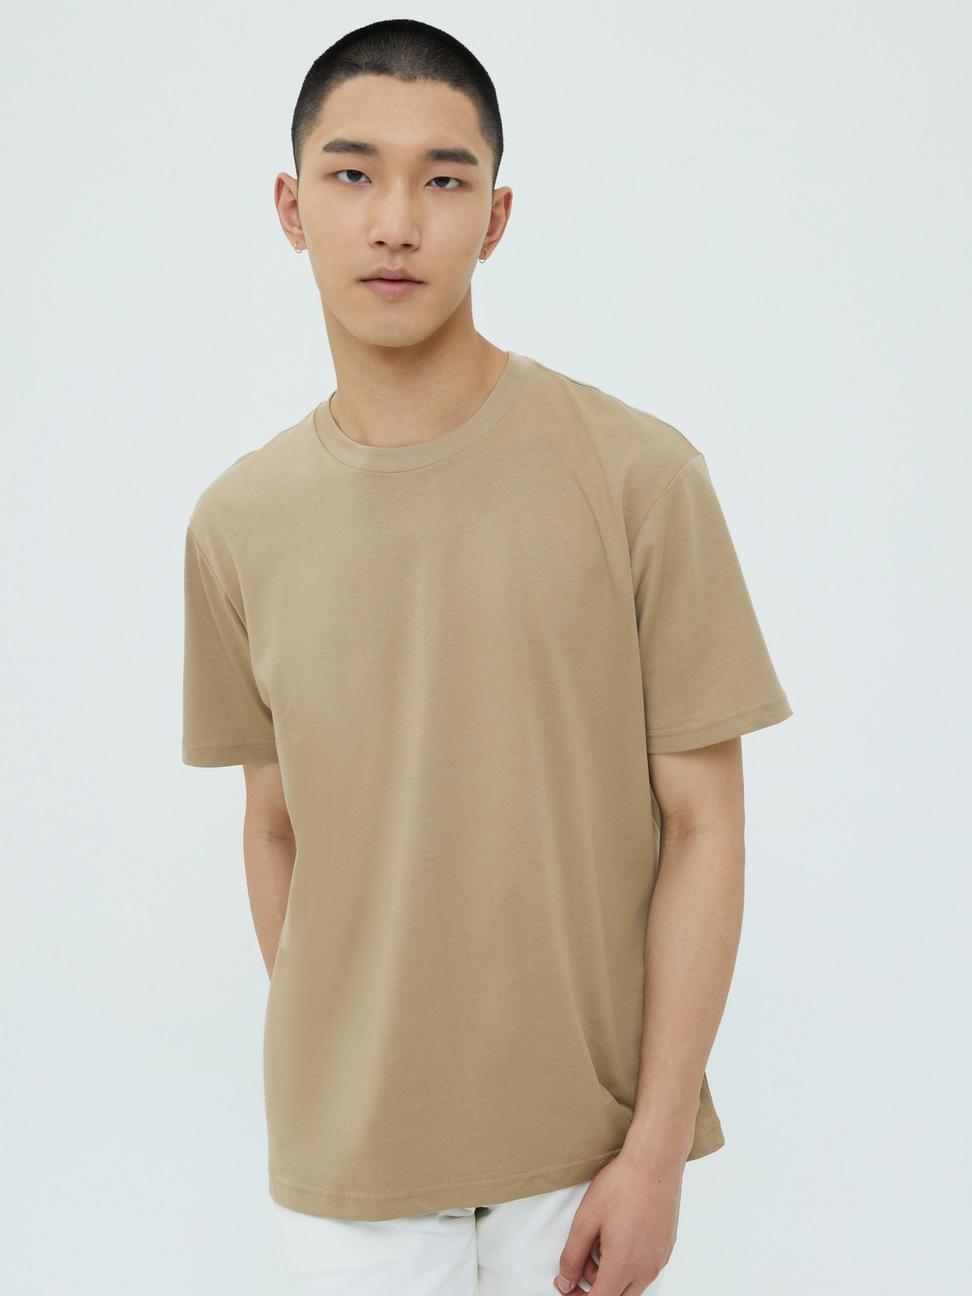 男裝 純棉舒適圓領短袖T恤